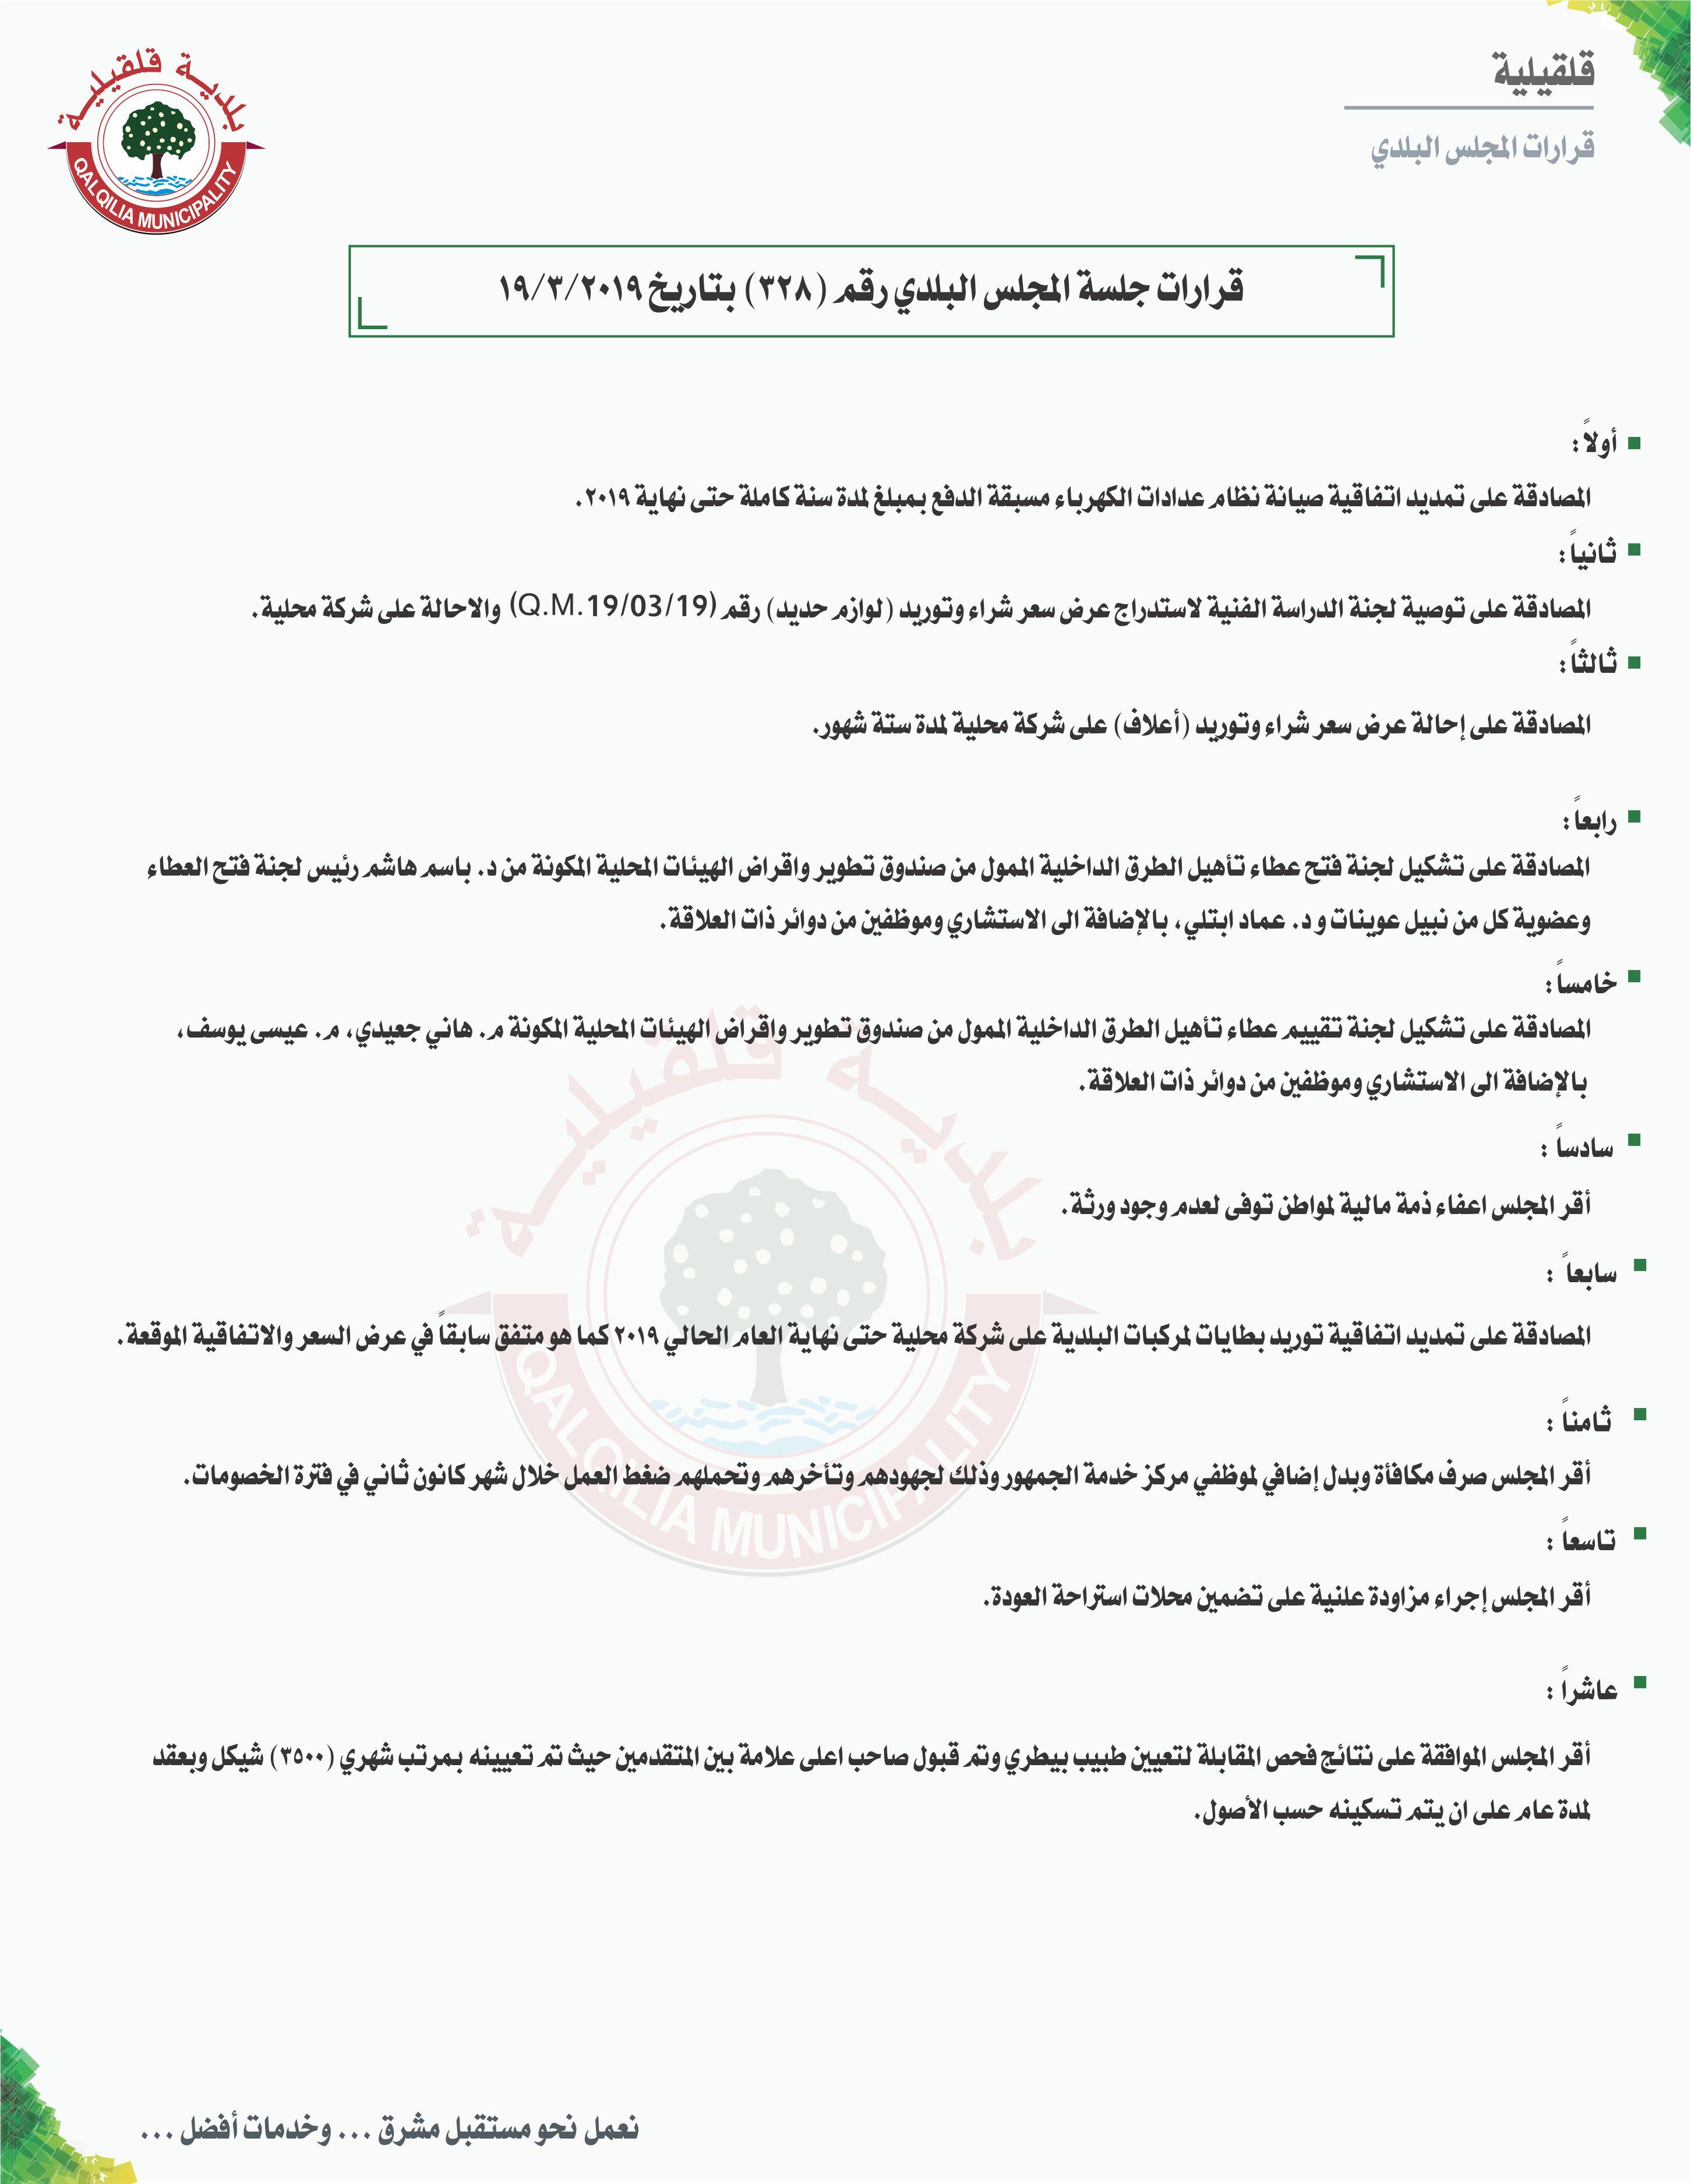 قرارات جلسة المجلس البلدي رقم (328) بتاريخ 19/3/2019